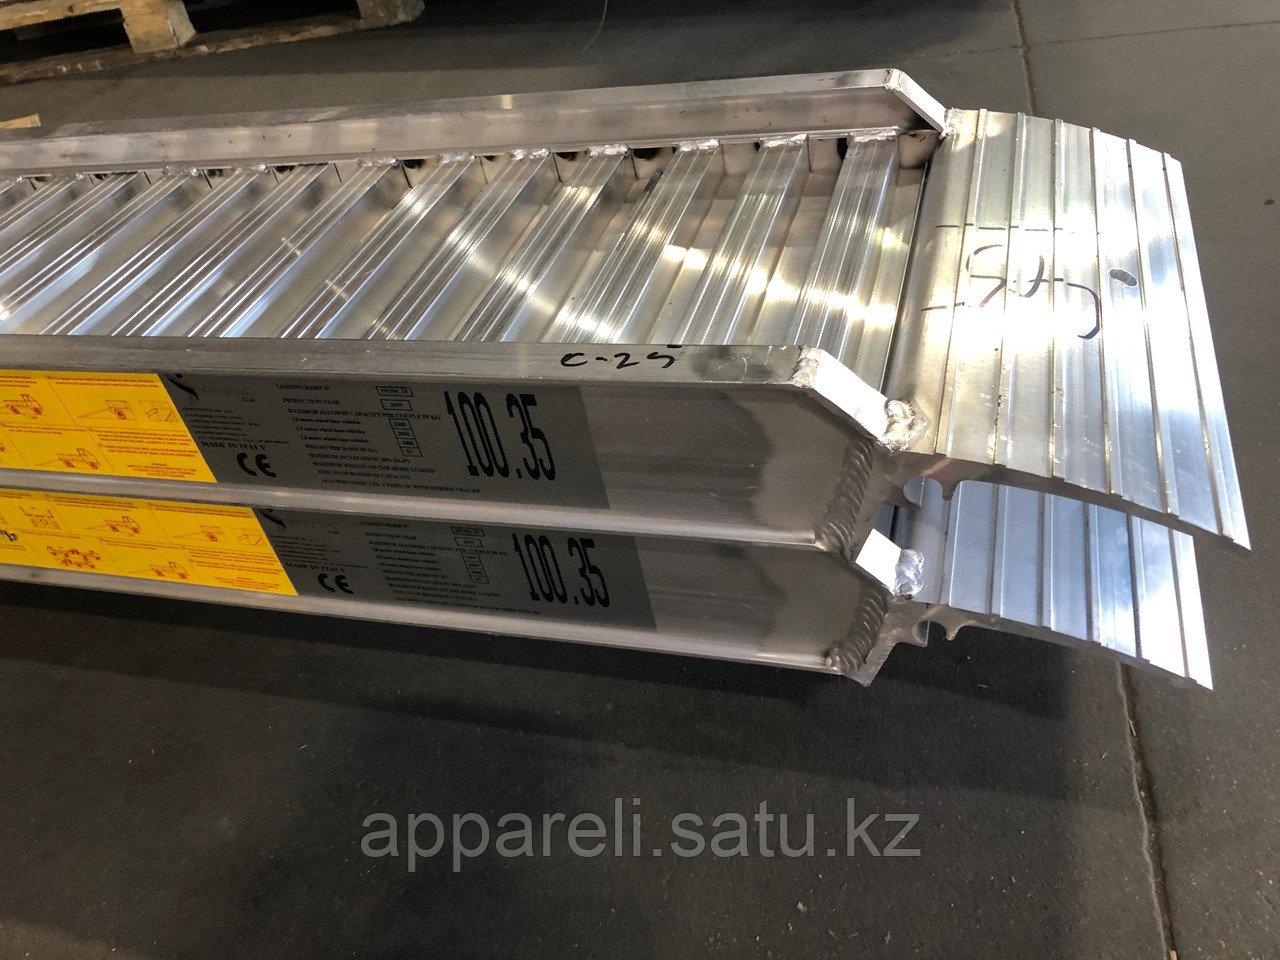 Производство трапов сходней алюминиевых аппарелей 2300 кг